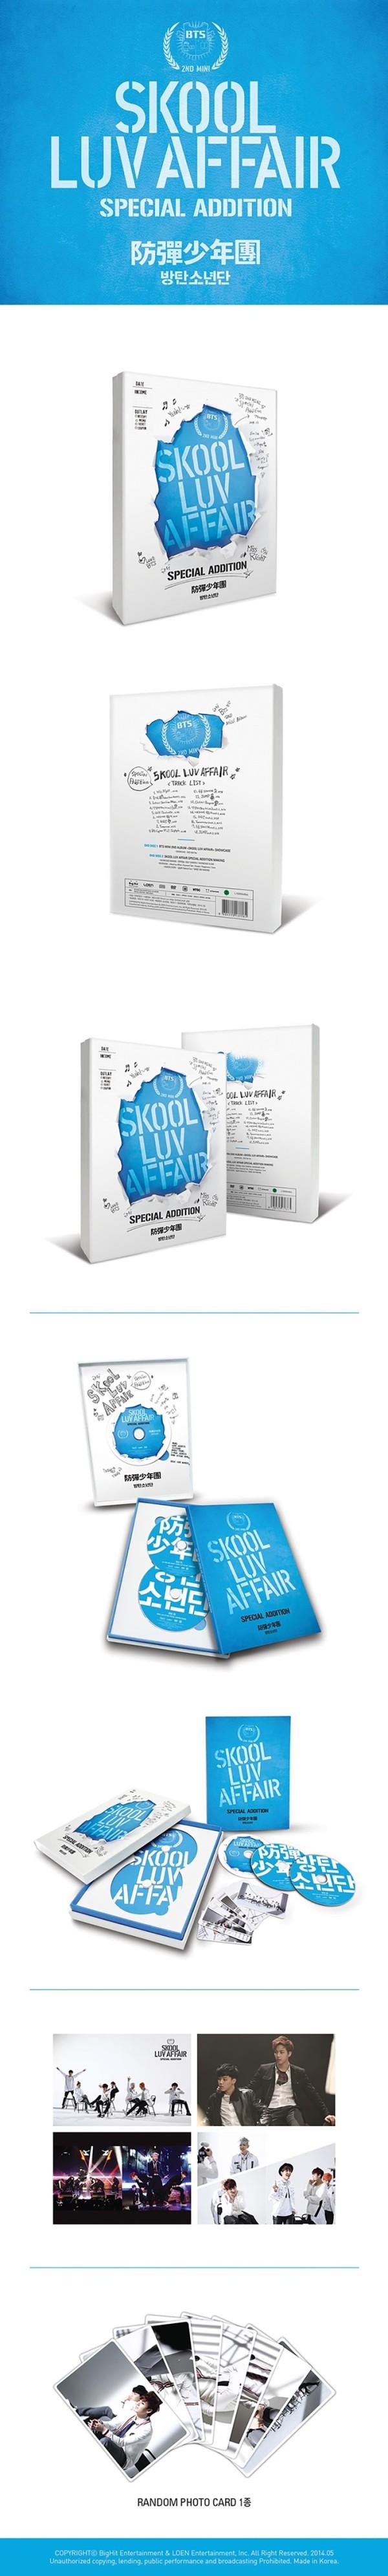 韓国セカンド・ミニ・アルバム『Skool Luv Affair』にスぺシャルエディション